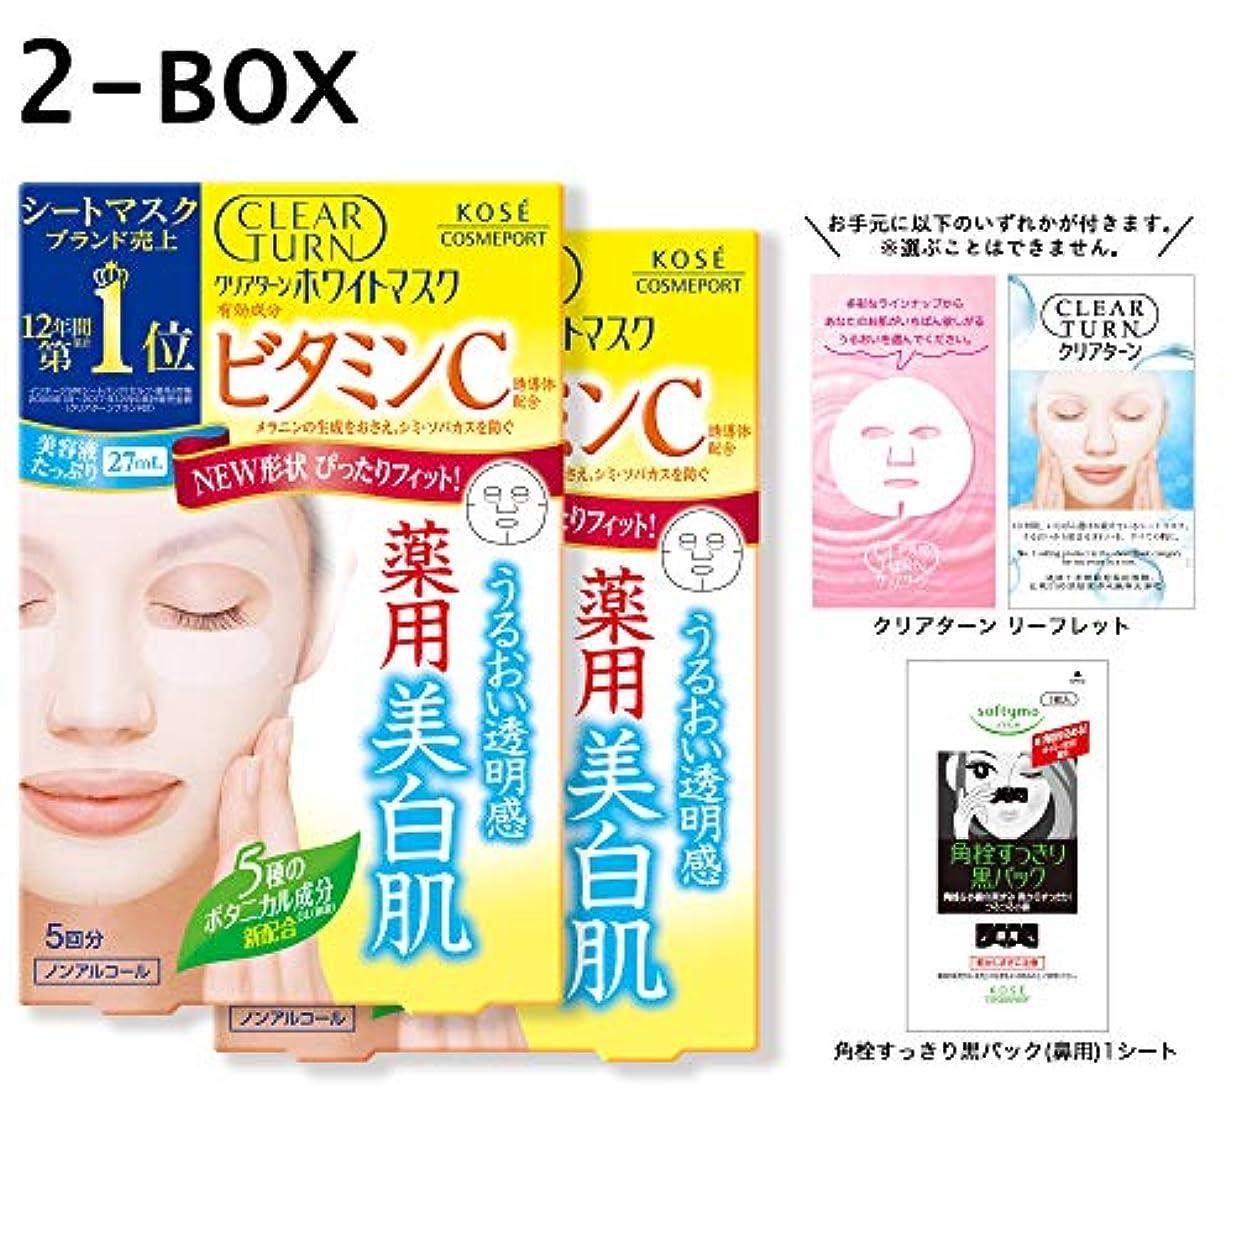 書くハプニング事前に【Amazon.co.jp限定】KOSE クリアターン ホワイト マスク VC (ビタミンC) 5枚 2パック おまけ付 フェイスマスク (医薬部外品)